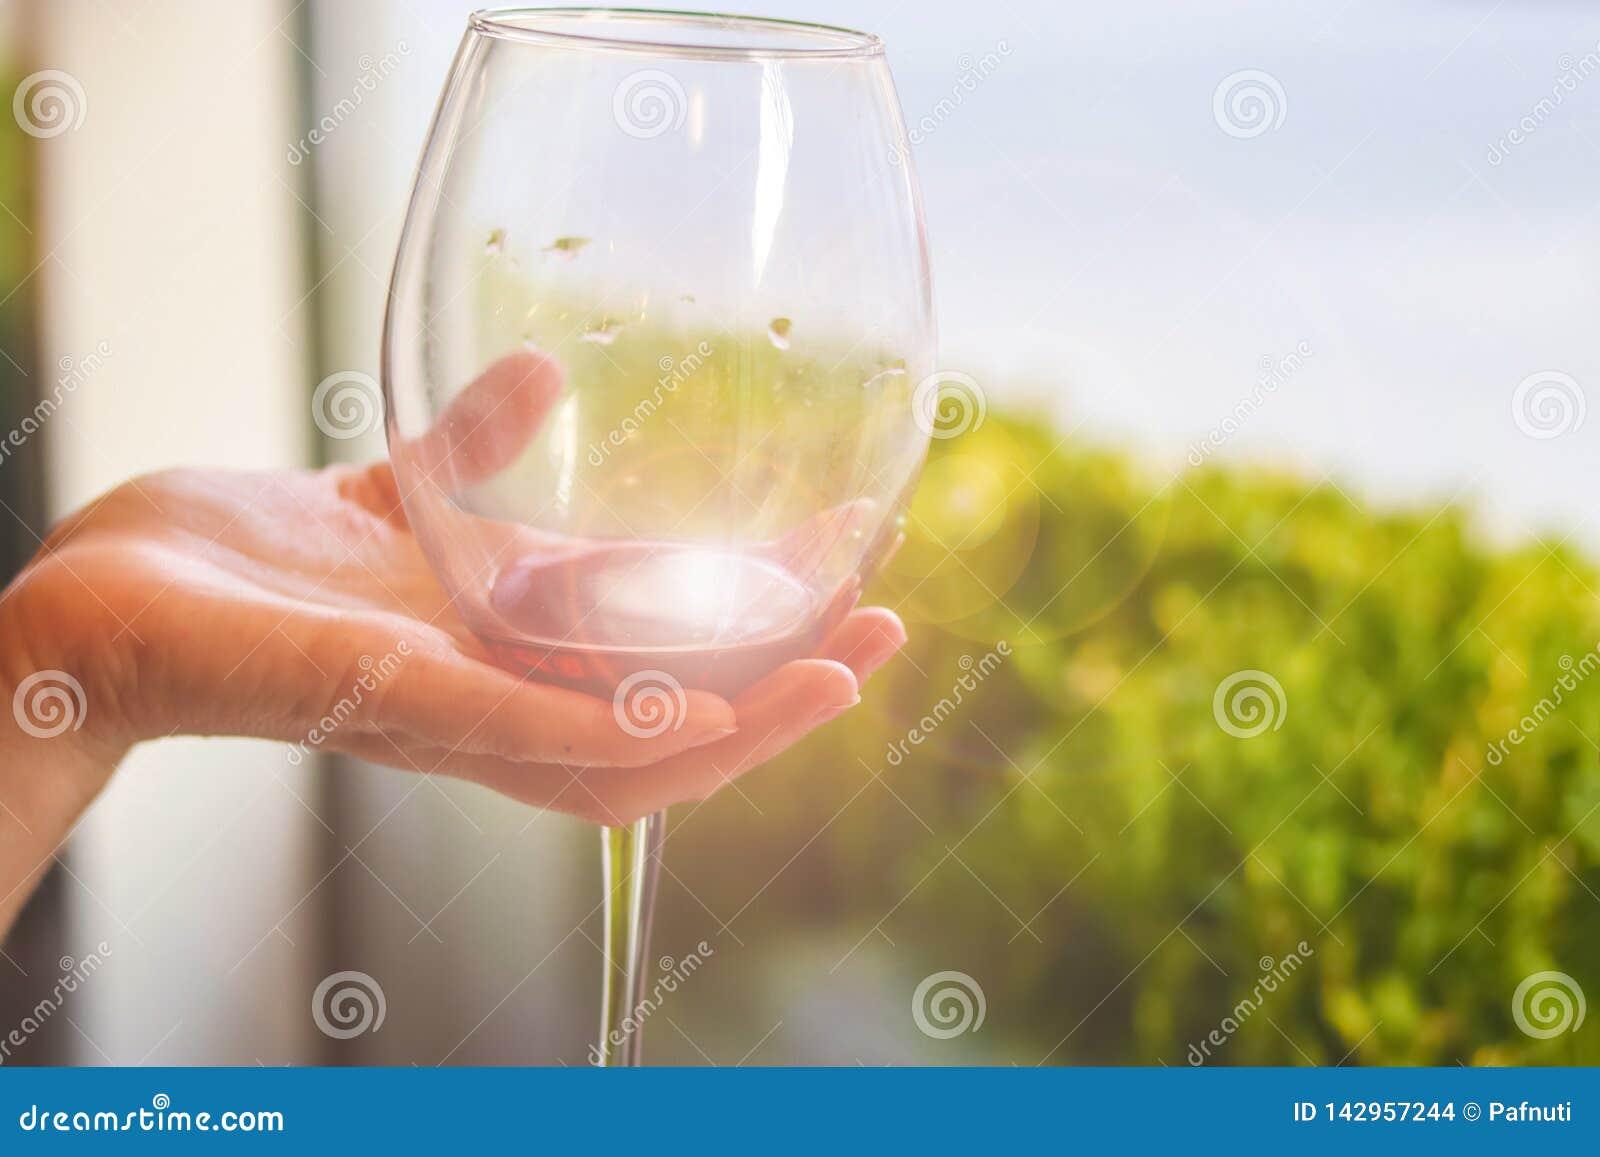 Glas Rotwein in der Hand am Probieren